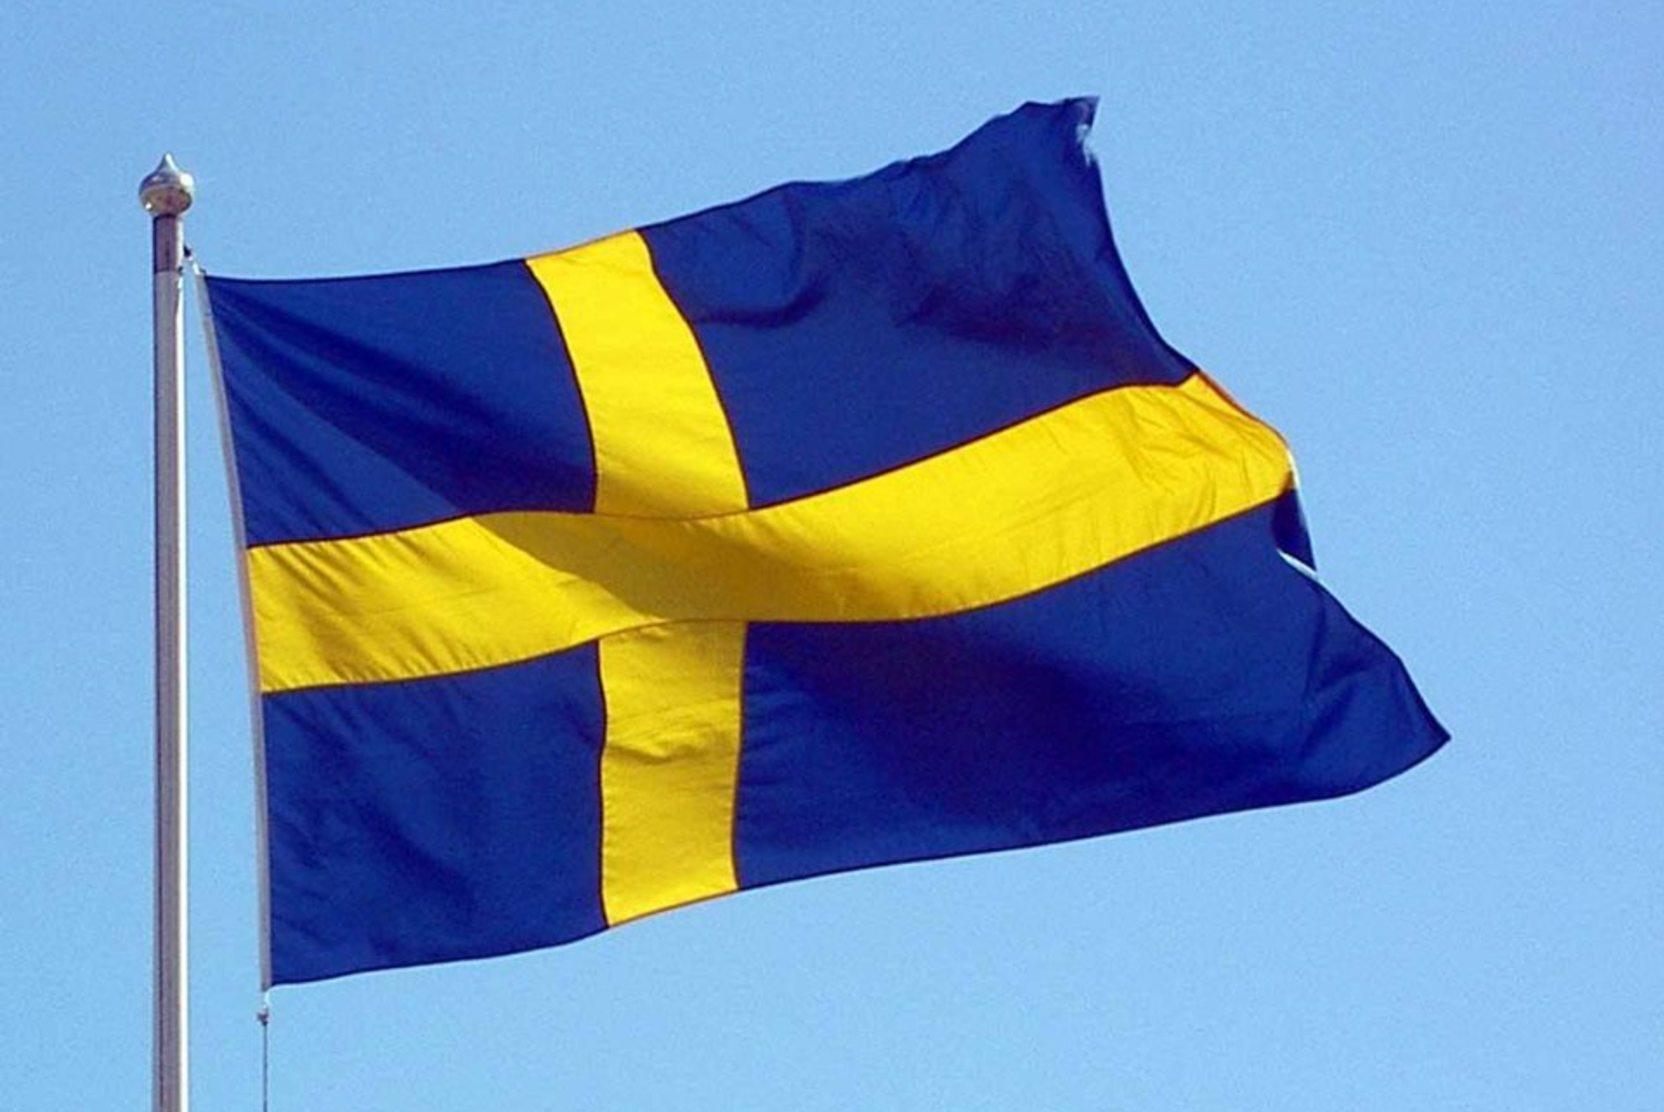 В Швеции заявили о способности создать России «военные проблемы»